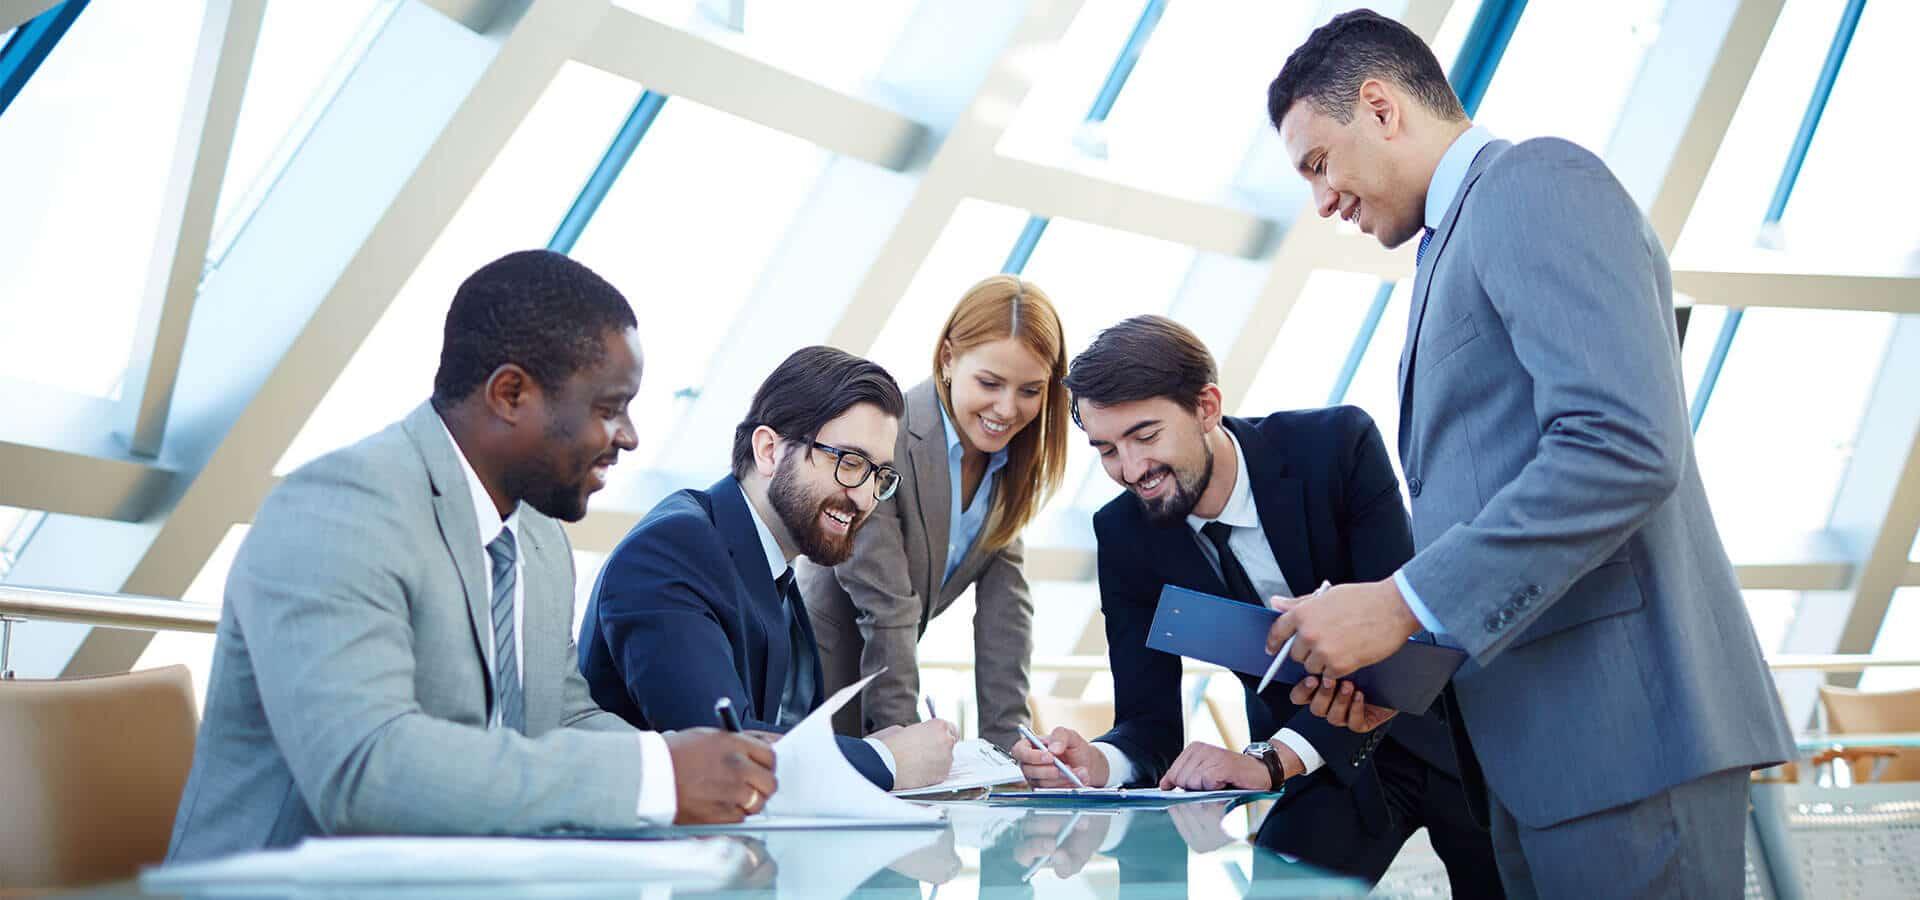 5 مزیت فضای کاری مشترک، برای استارتاپ شما